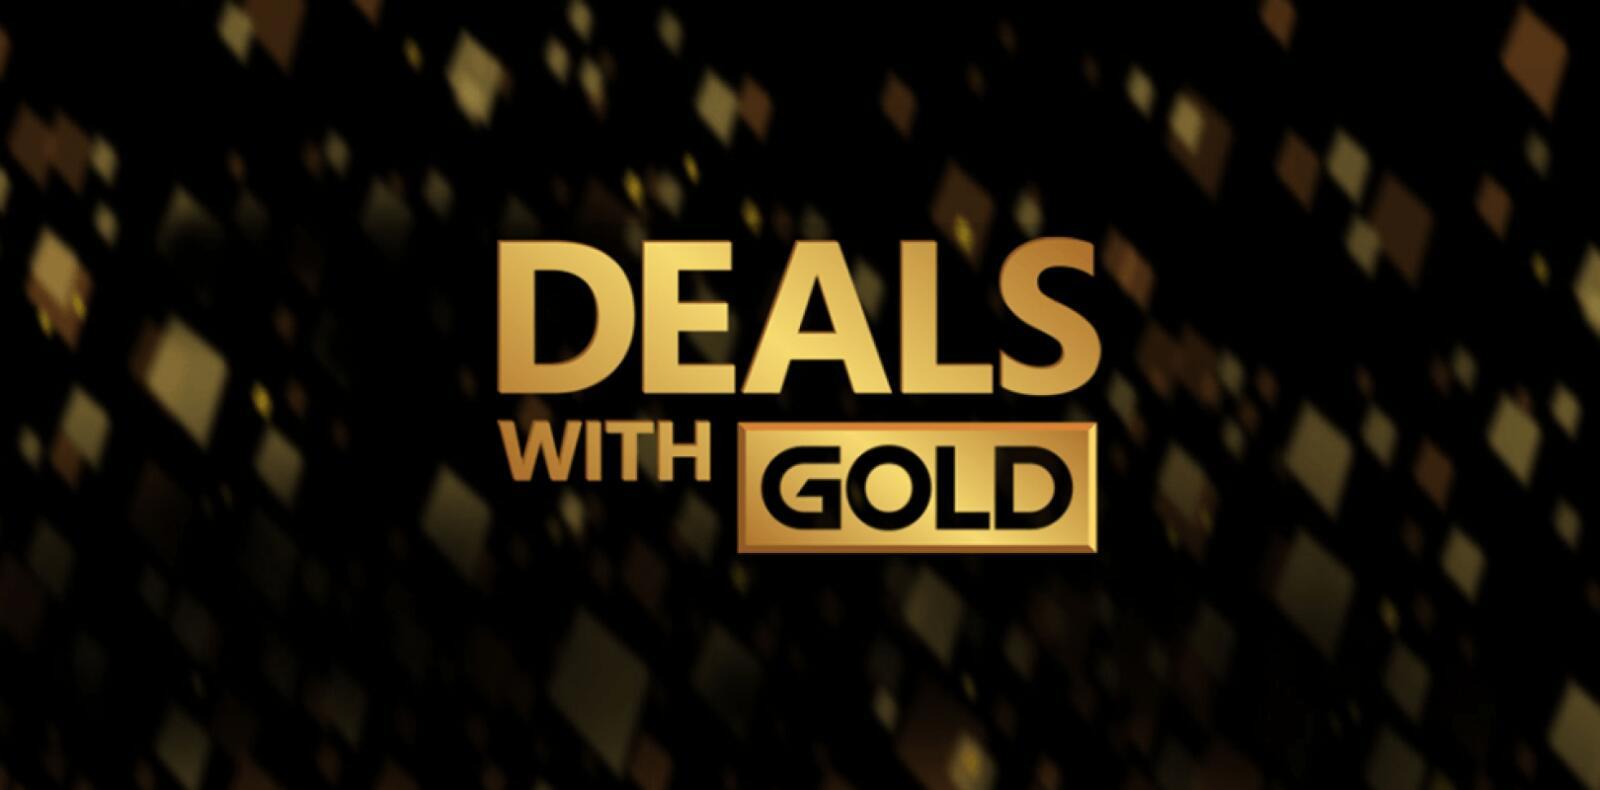 Xbox: Deals With Gold semana del 27 de abril al 4 de mayo de 2021